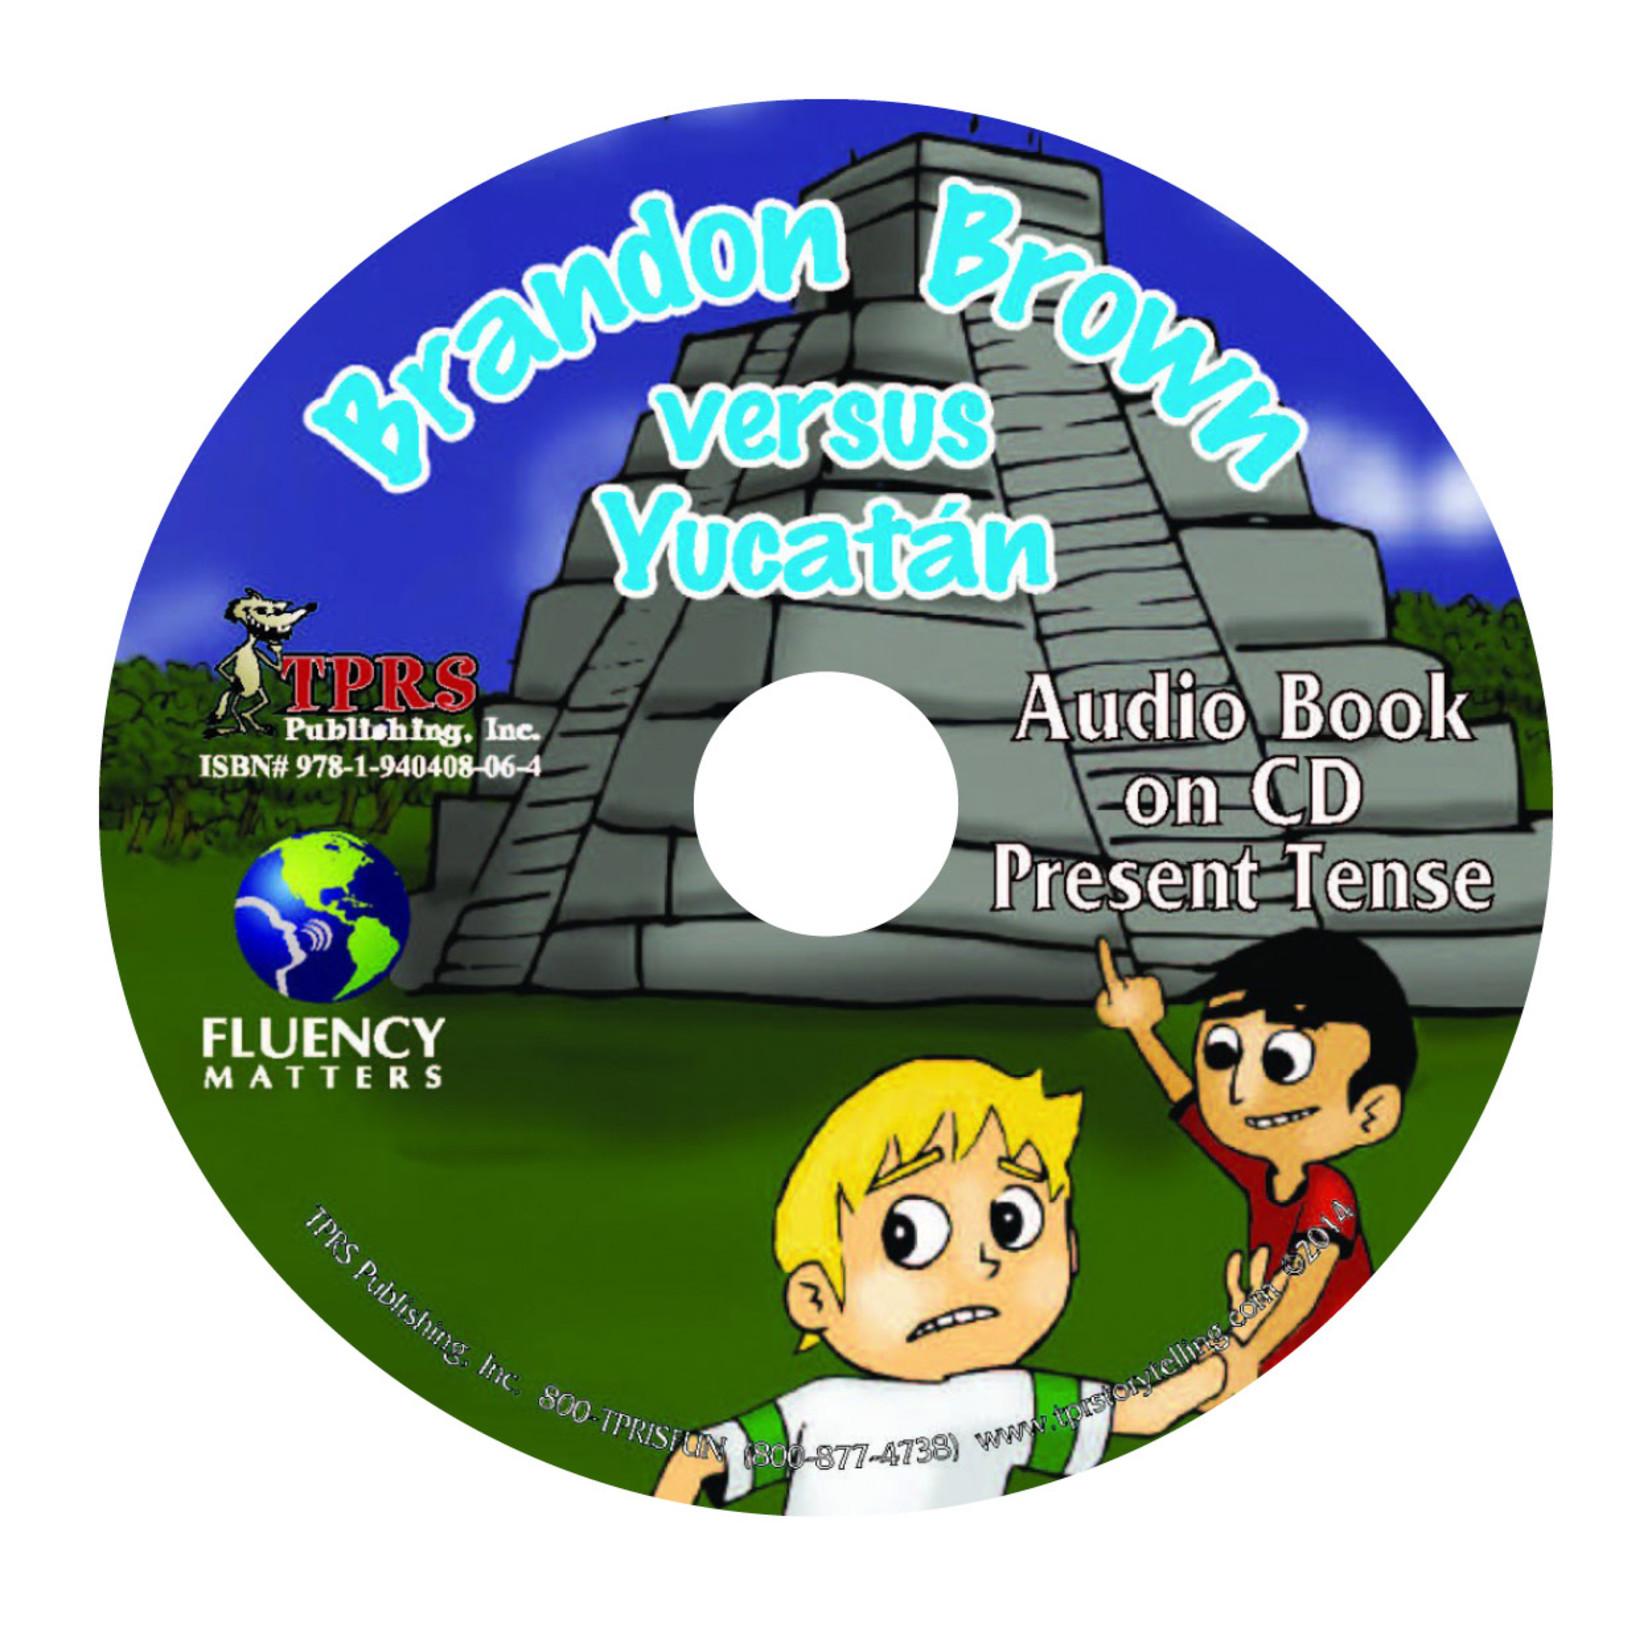 Fluency Matters Brandon Brown versus Yucatán - Luisterboek